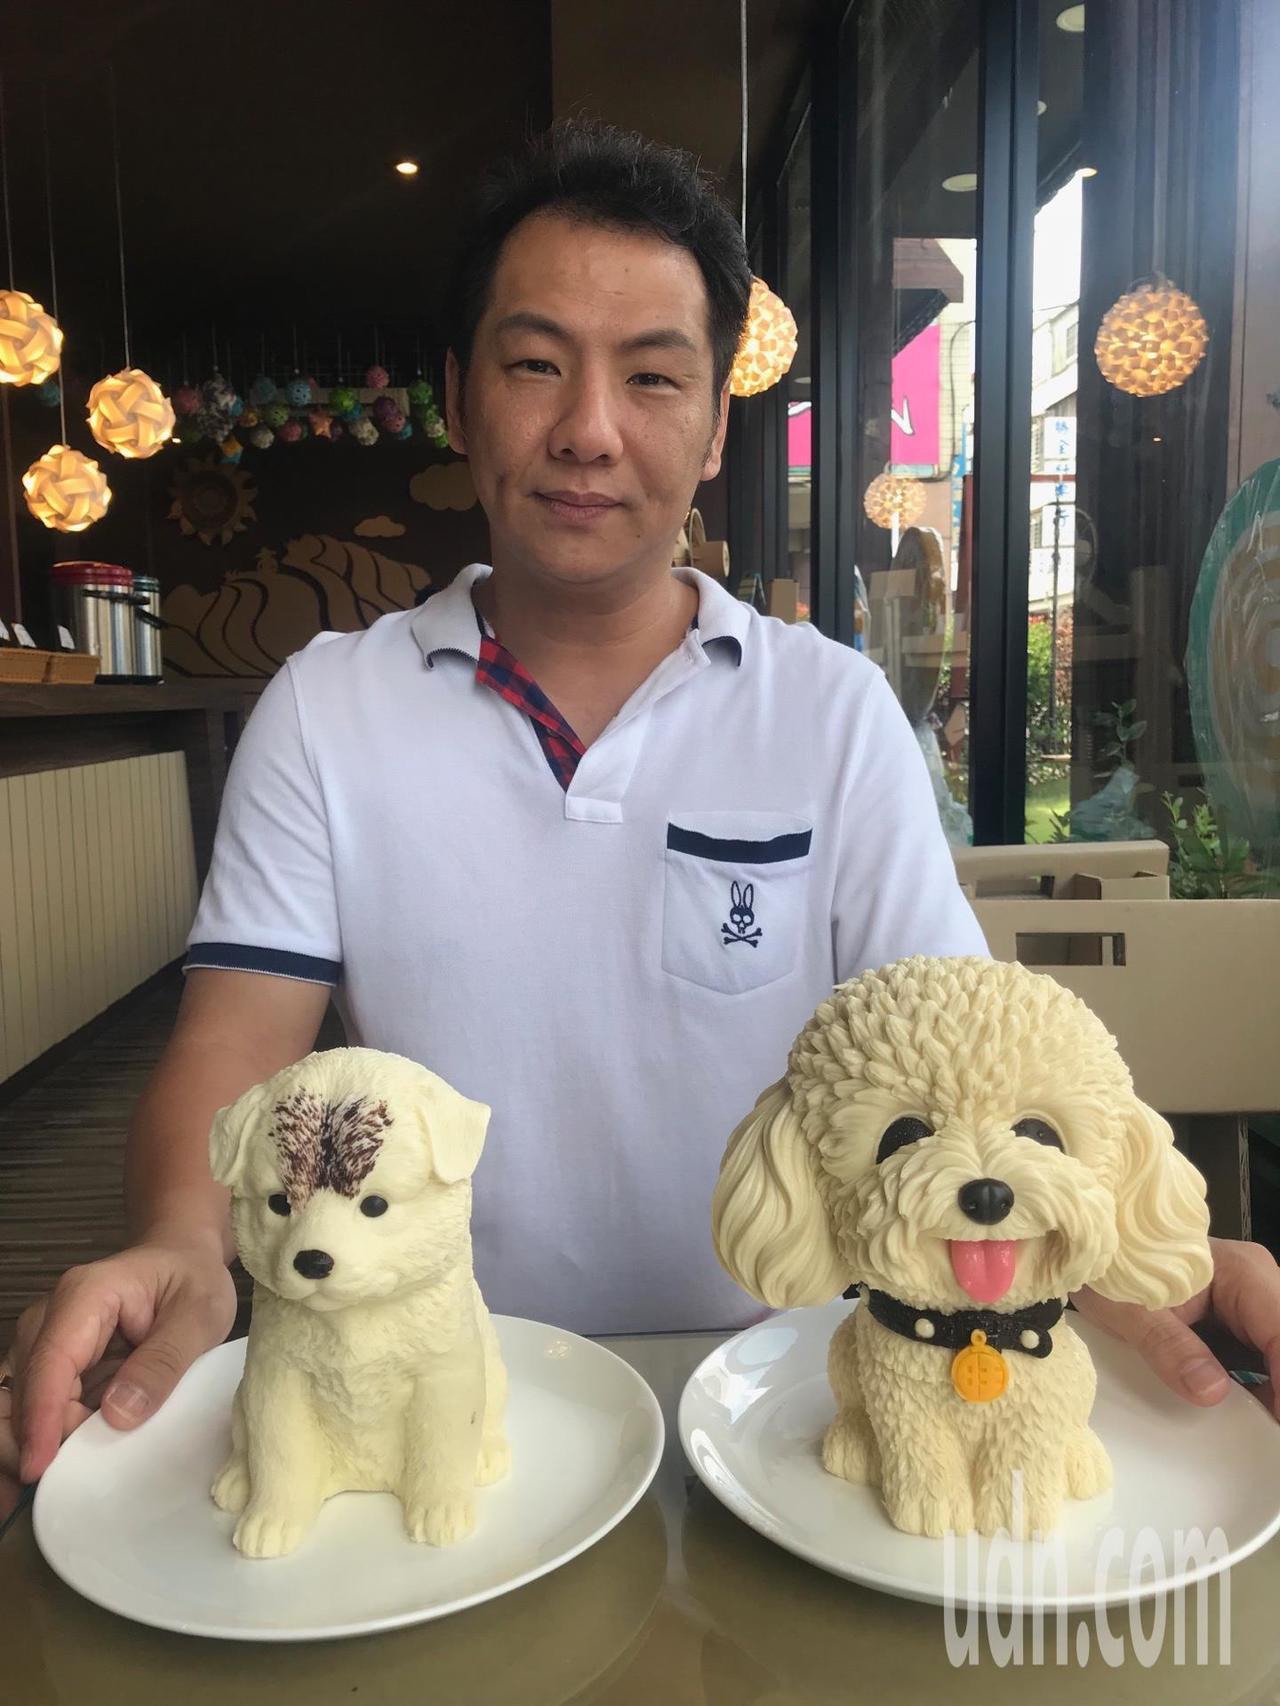 狗冰蛋糕在網路爆紅,原來不少網路賣家的供貨來自彰化縣花壇鄉「阿爸的手工餅」,業者...